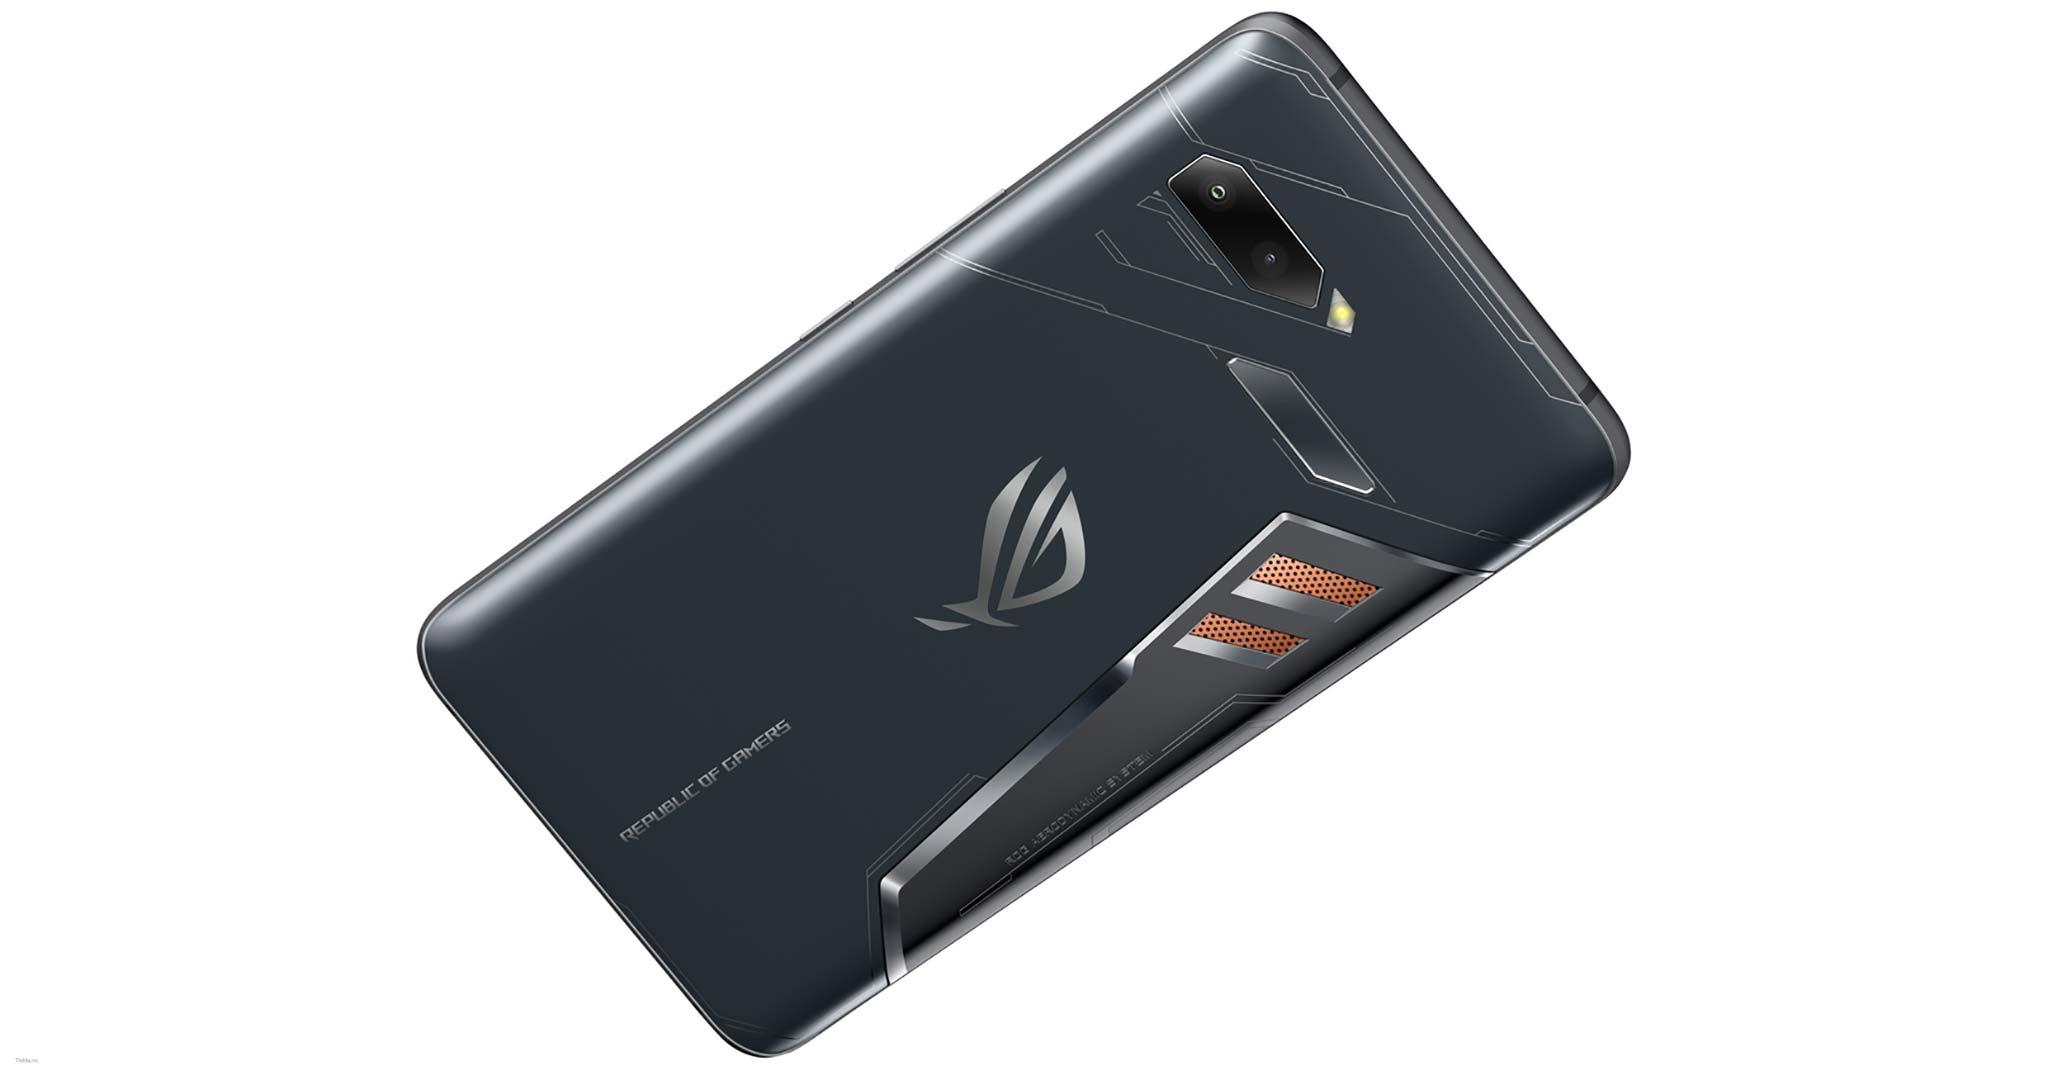 Rog Phone Gamingphone Toi Tan Vua Doc Vua La Cua Asus 06